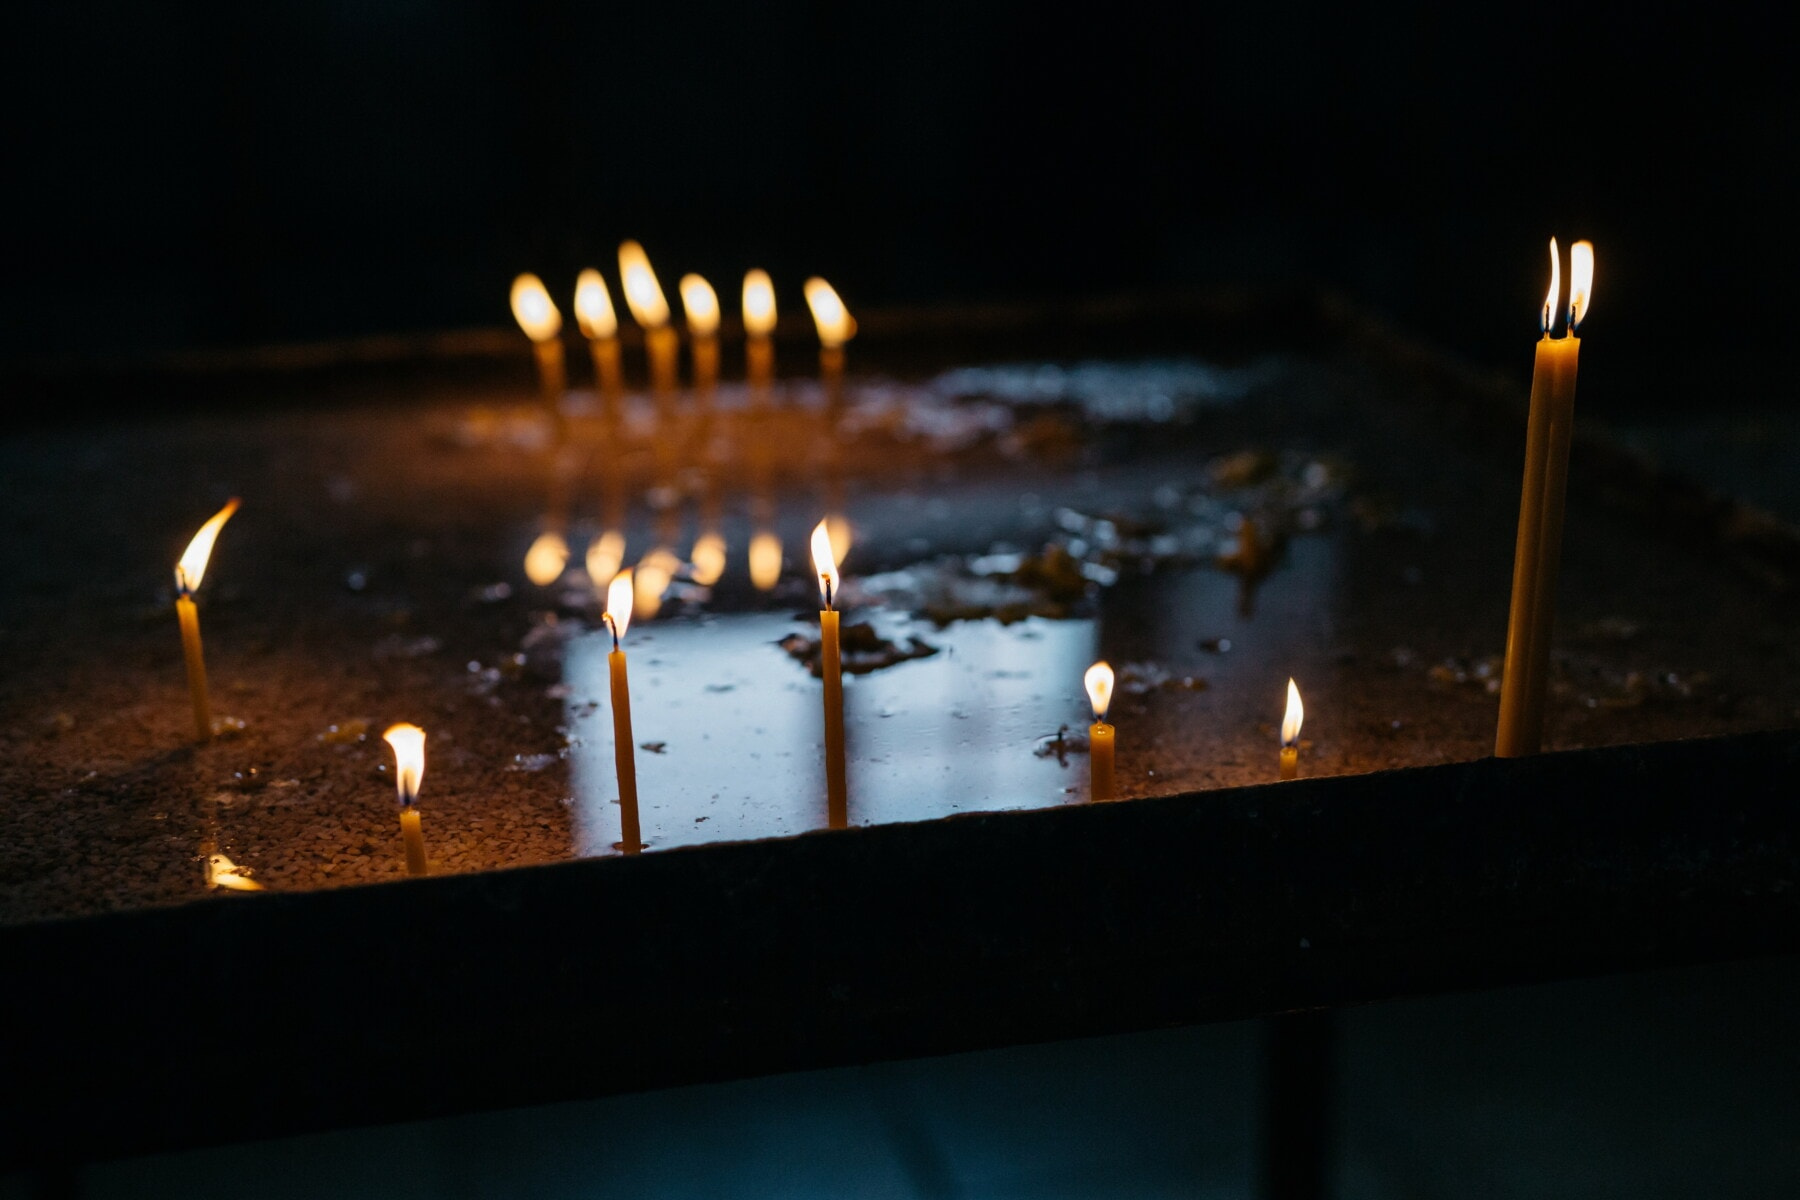 Tod, Trauer, Trauer, Kerzen, Candle-Light, Kerze, Leuchter, Brennen, Flamme, Feuer